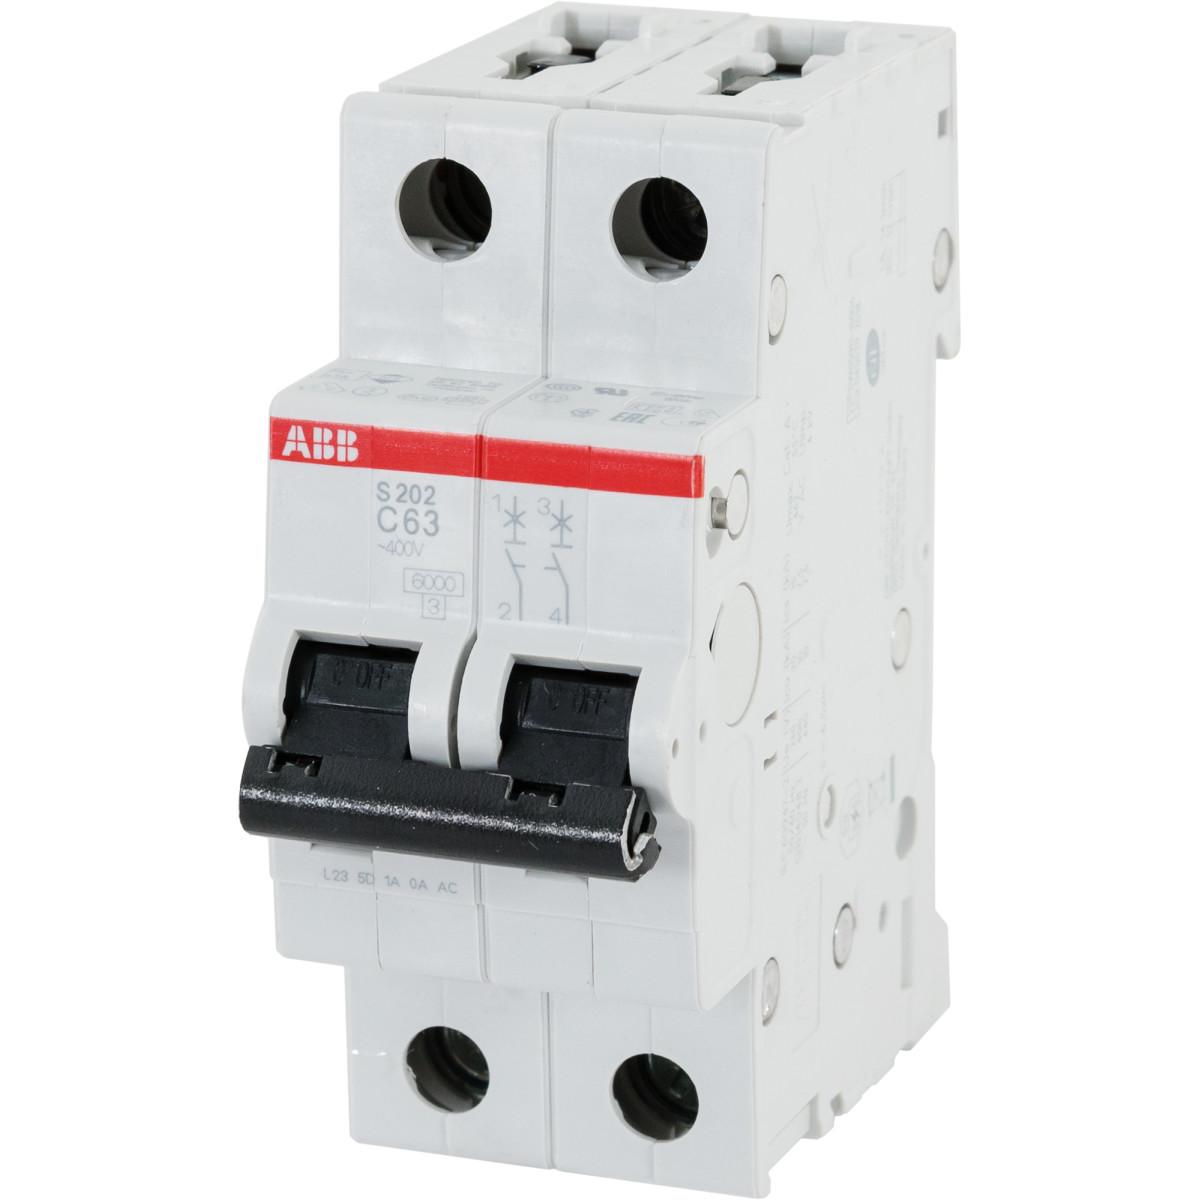 Выключатель автоматический ABB S202 2 полюса 63 А C